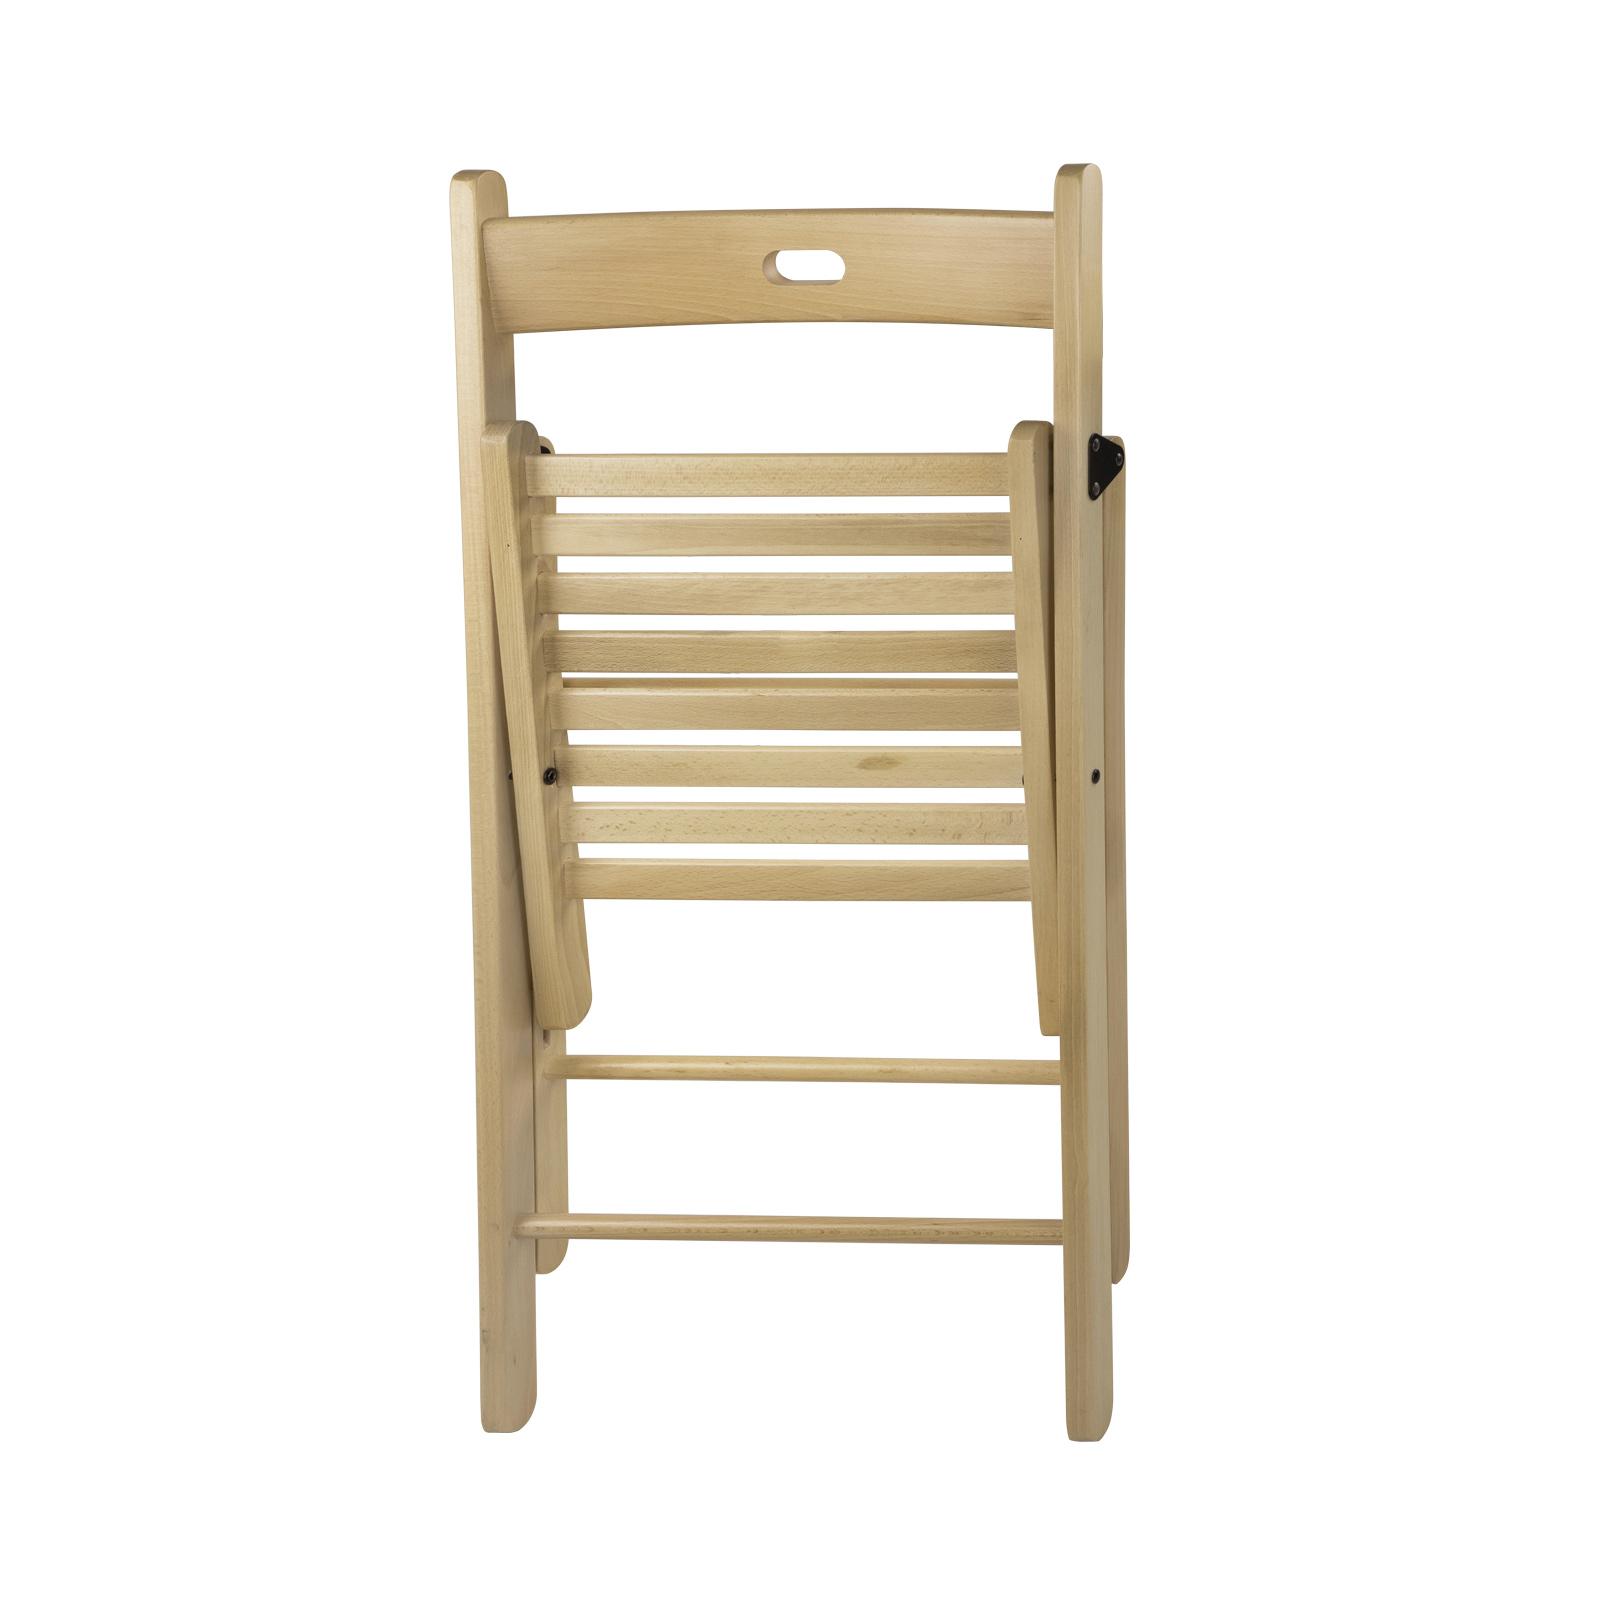 buchenklappstuhl klappstuhl buche gartenstuhl holzstuhl. Black Bedroom Furniture Sets. Home Design Ideas